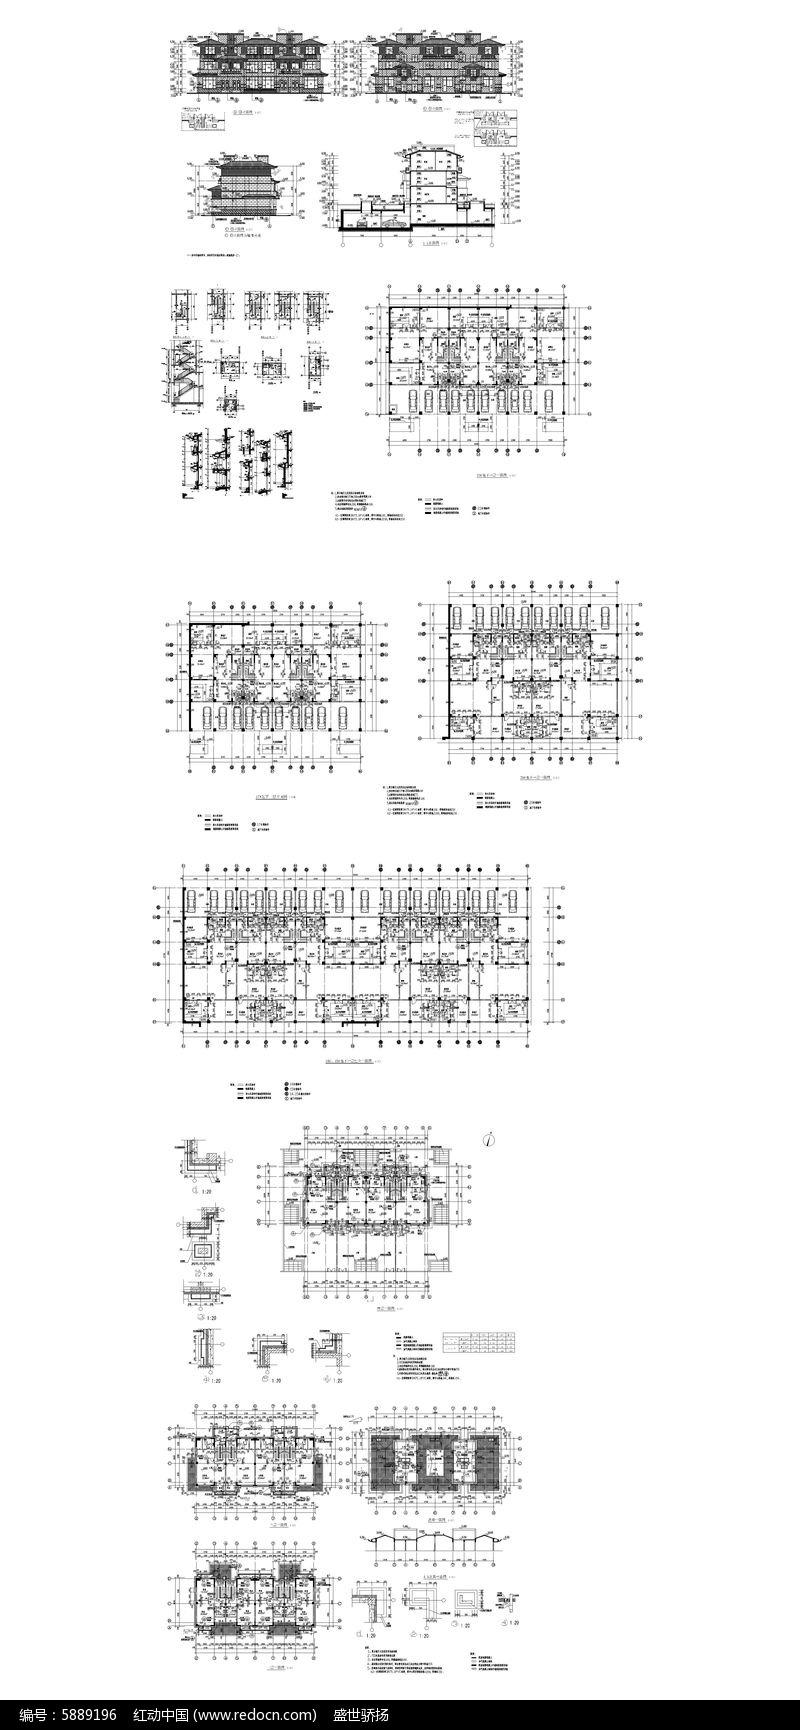 酒店图纸建筑图纸dwg素材下载_CAD建筑商业做图纸模漏机制图片